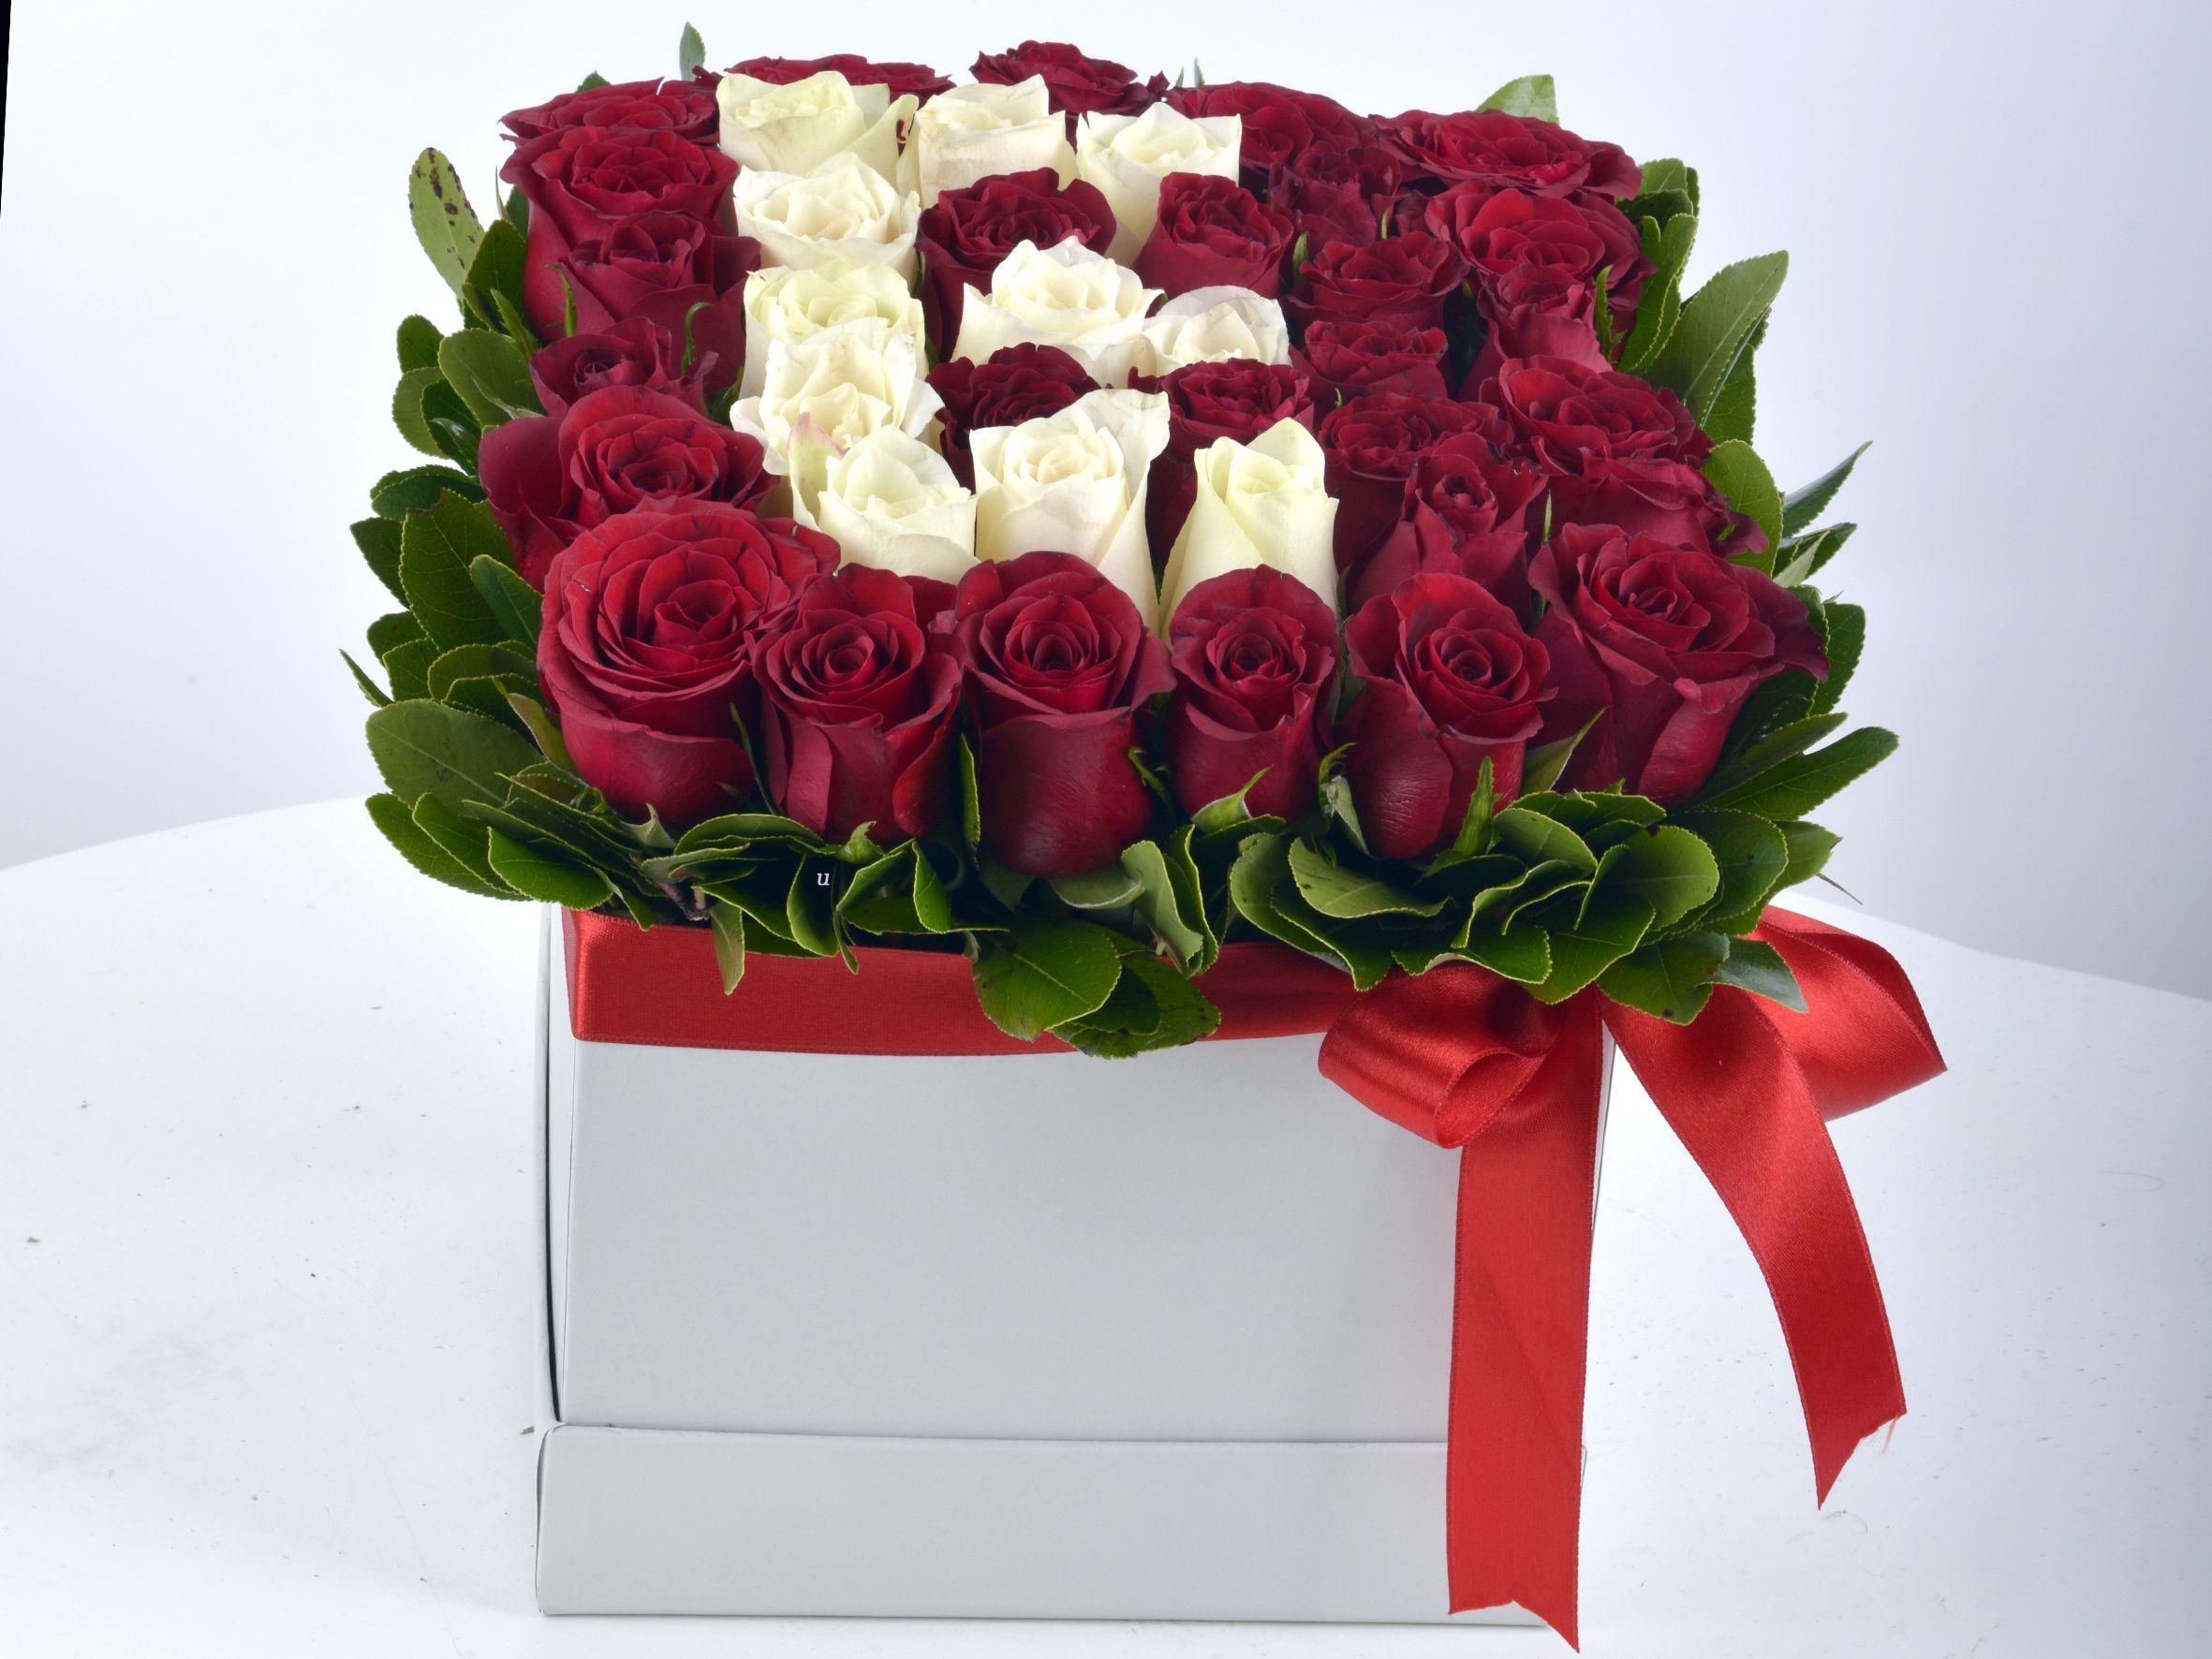 Kutuda Kişiye Özel Güllerden Oluşan Harf Çiçek.. Kutuda Aranjmanlar çiçek gönder